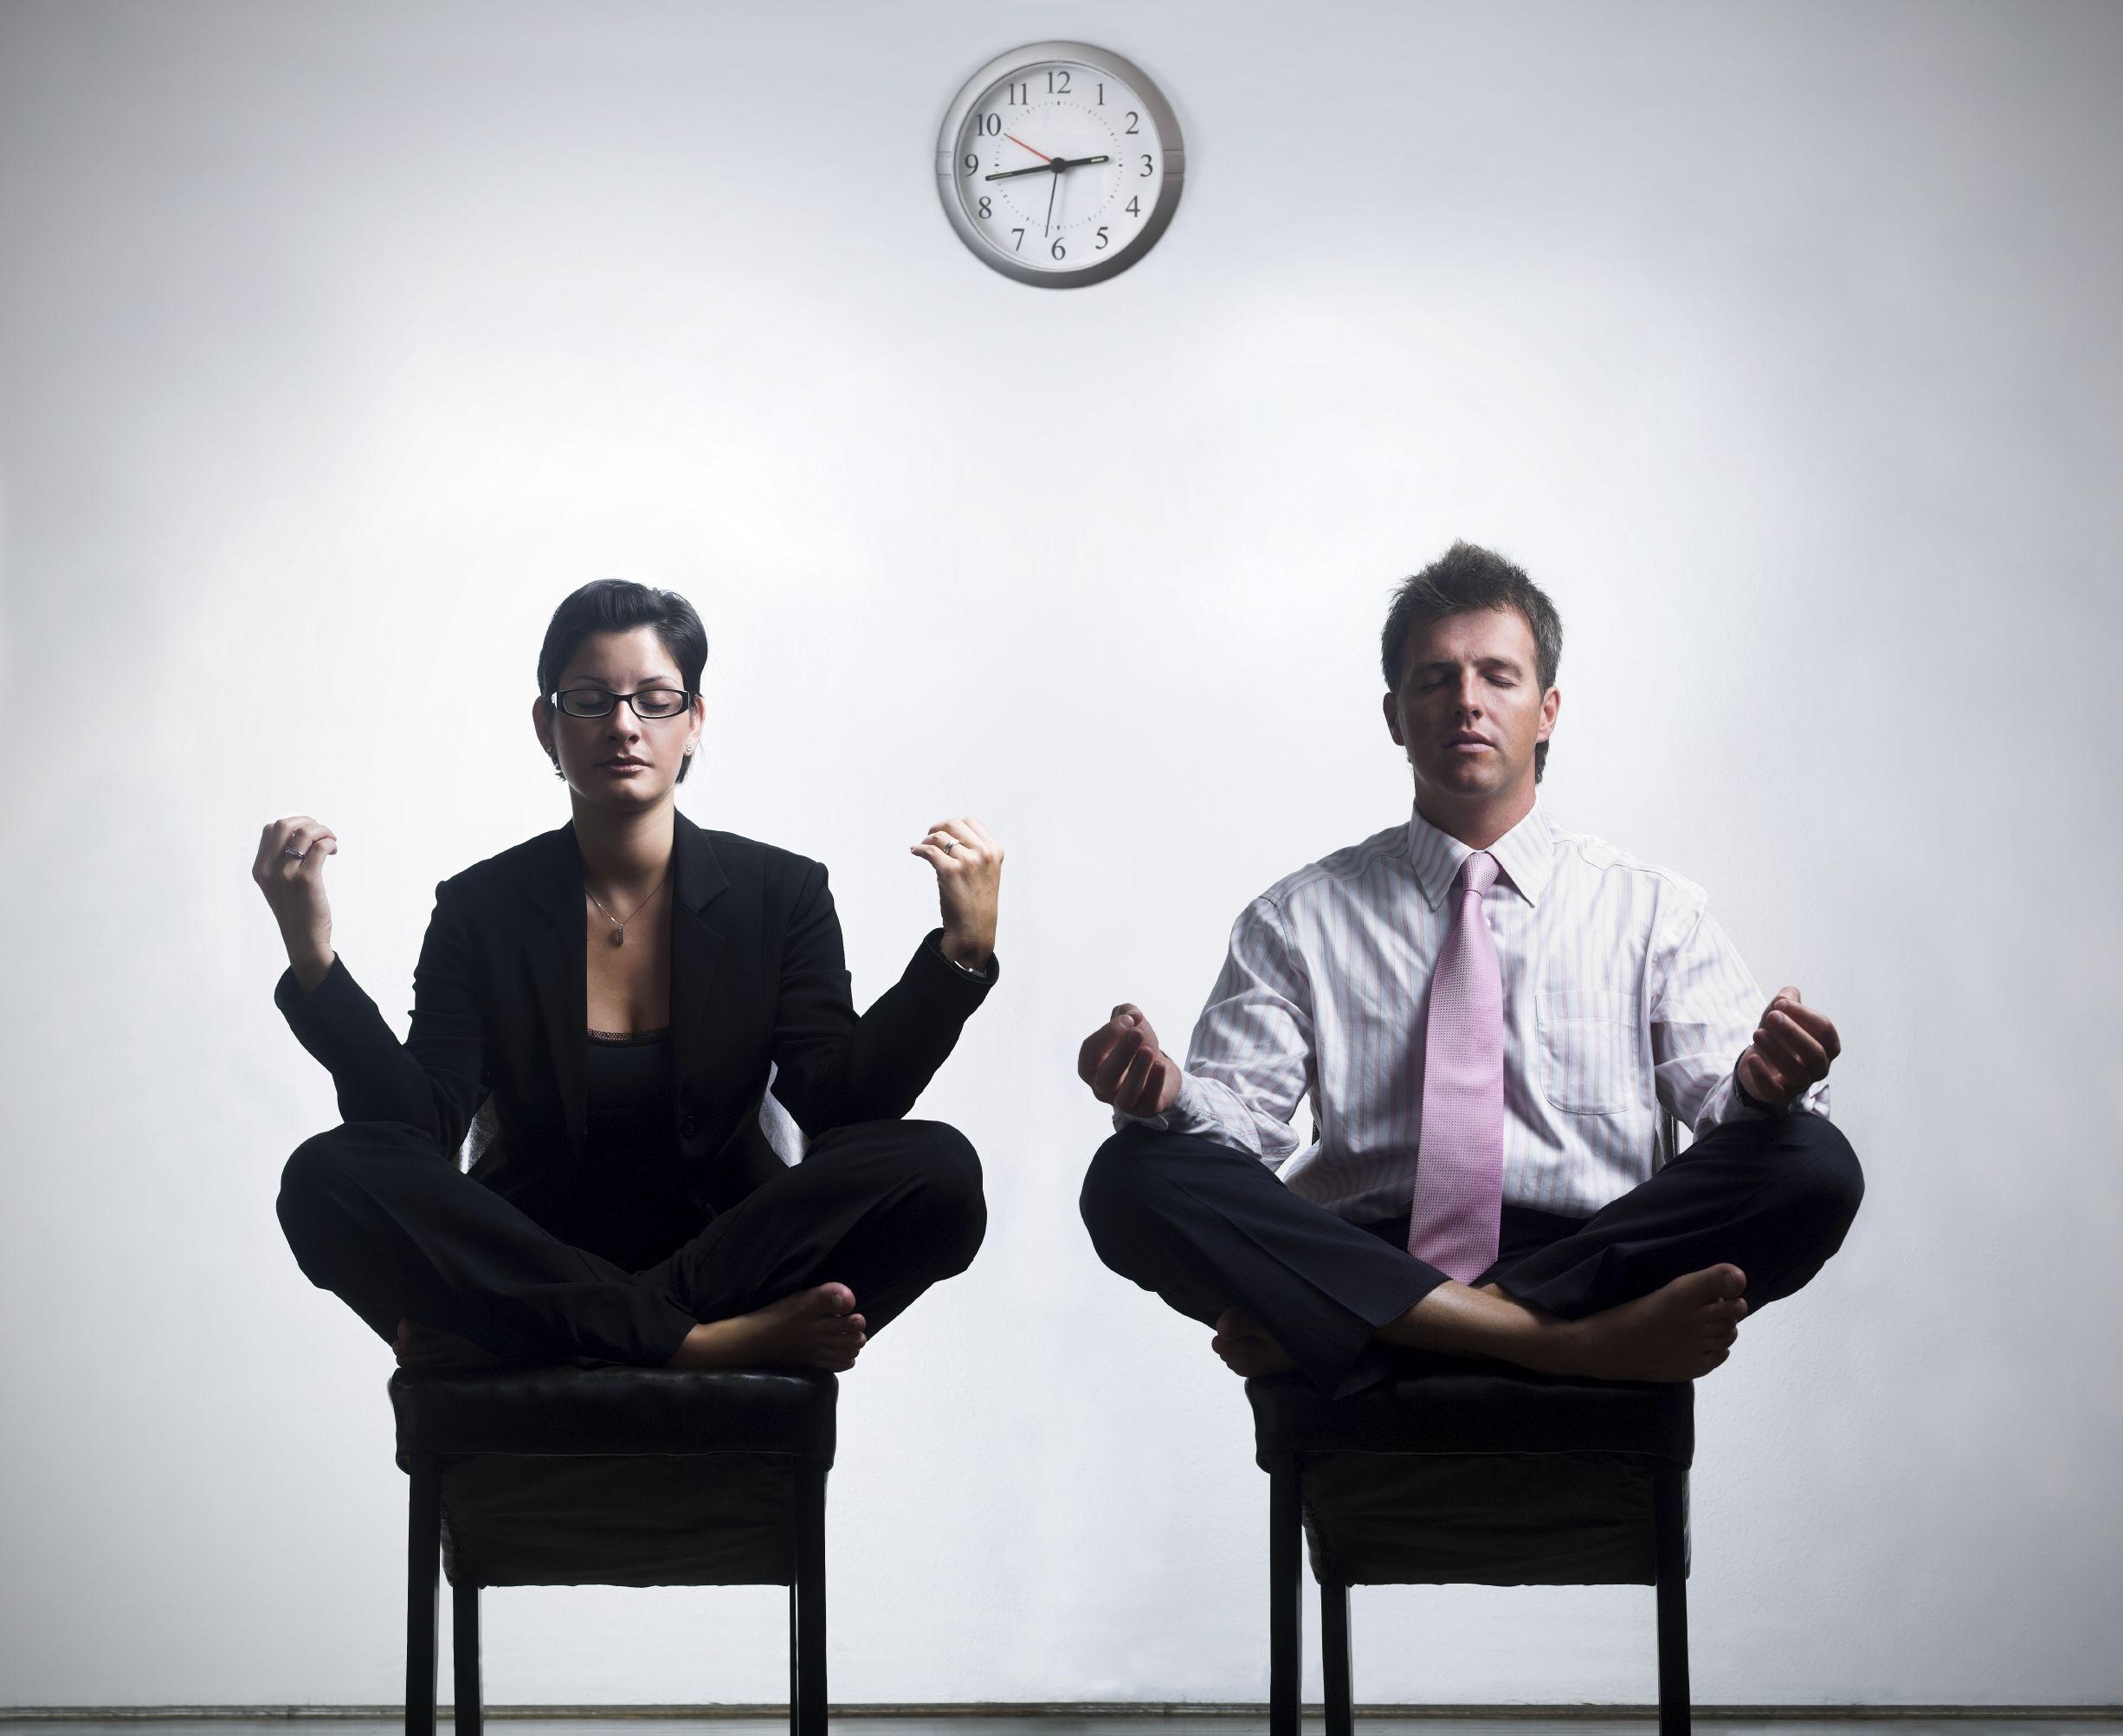 meditation office. Office Meditation